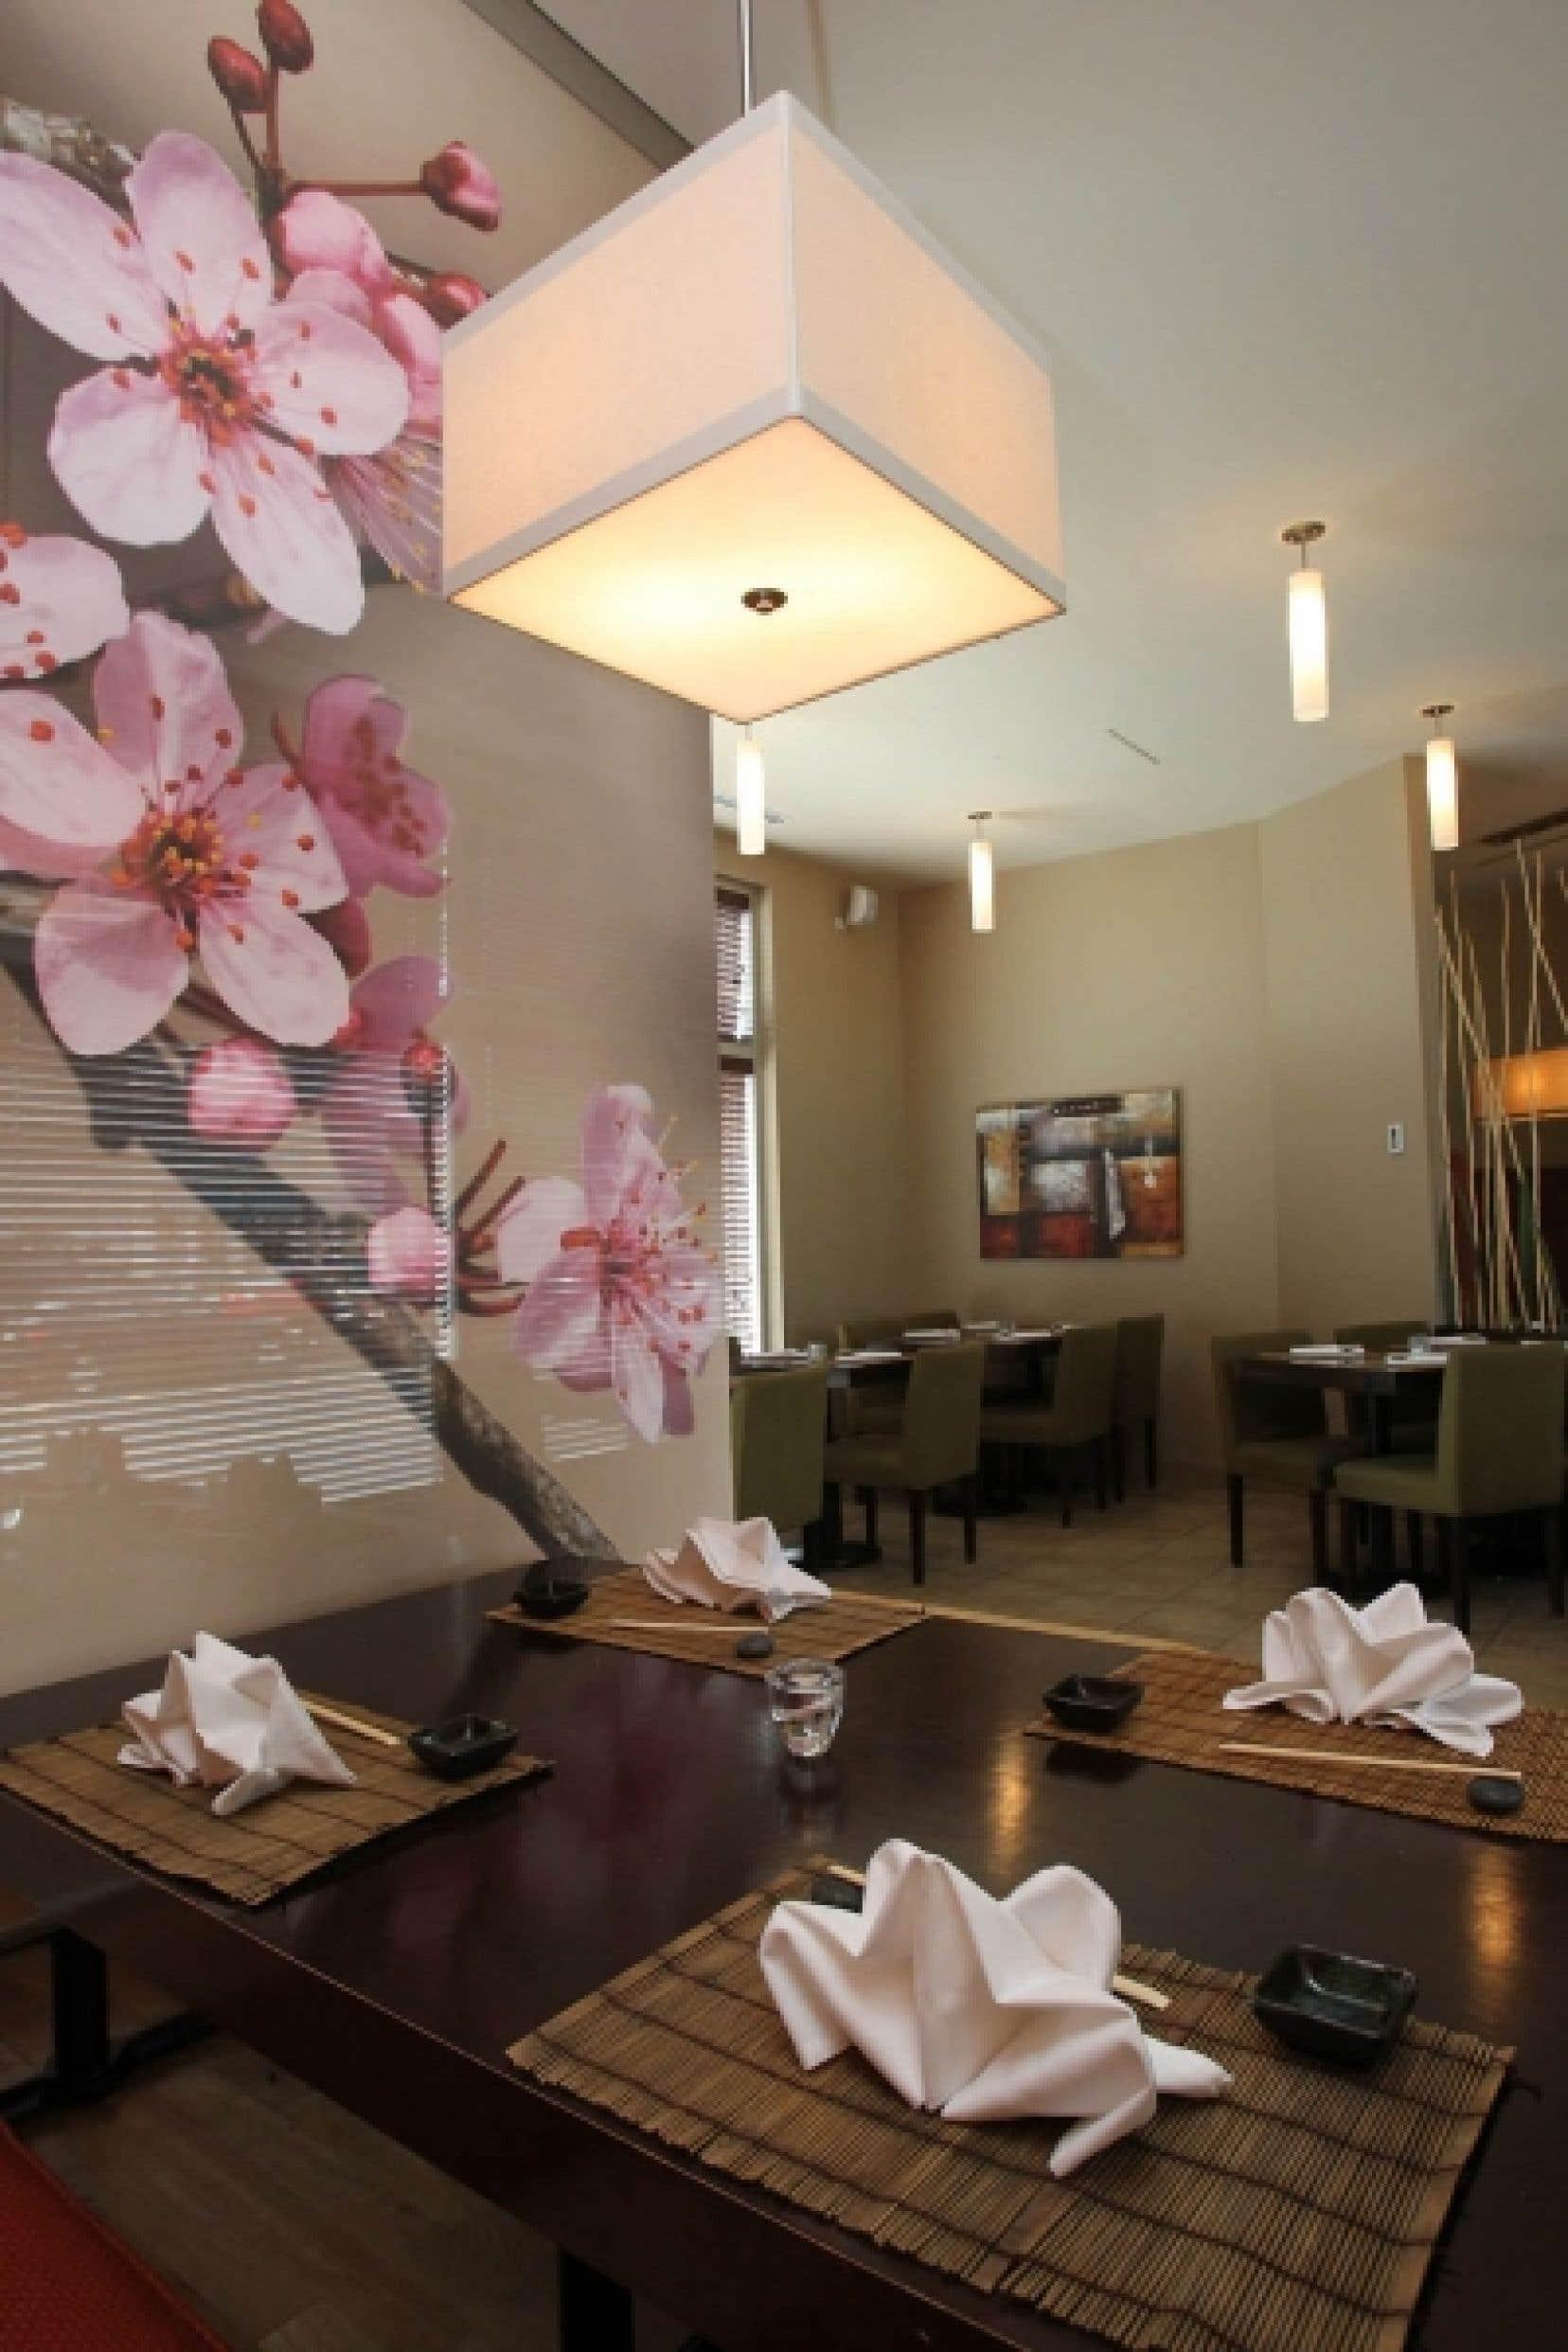 Si le restaurant Niji présente un style zen, il demeure très contemporain avec ses comptoirs circulaires modernes, le décor lumineux, des tables bien mises et d'apparat. <br />